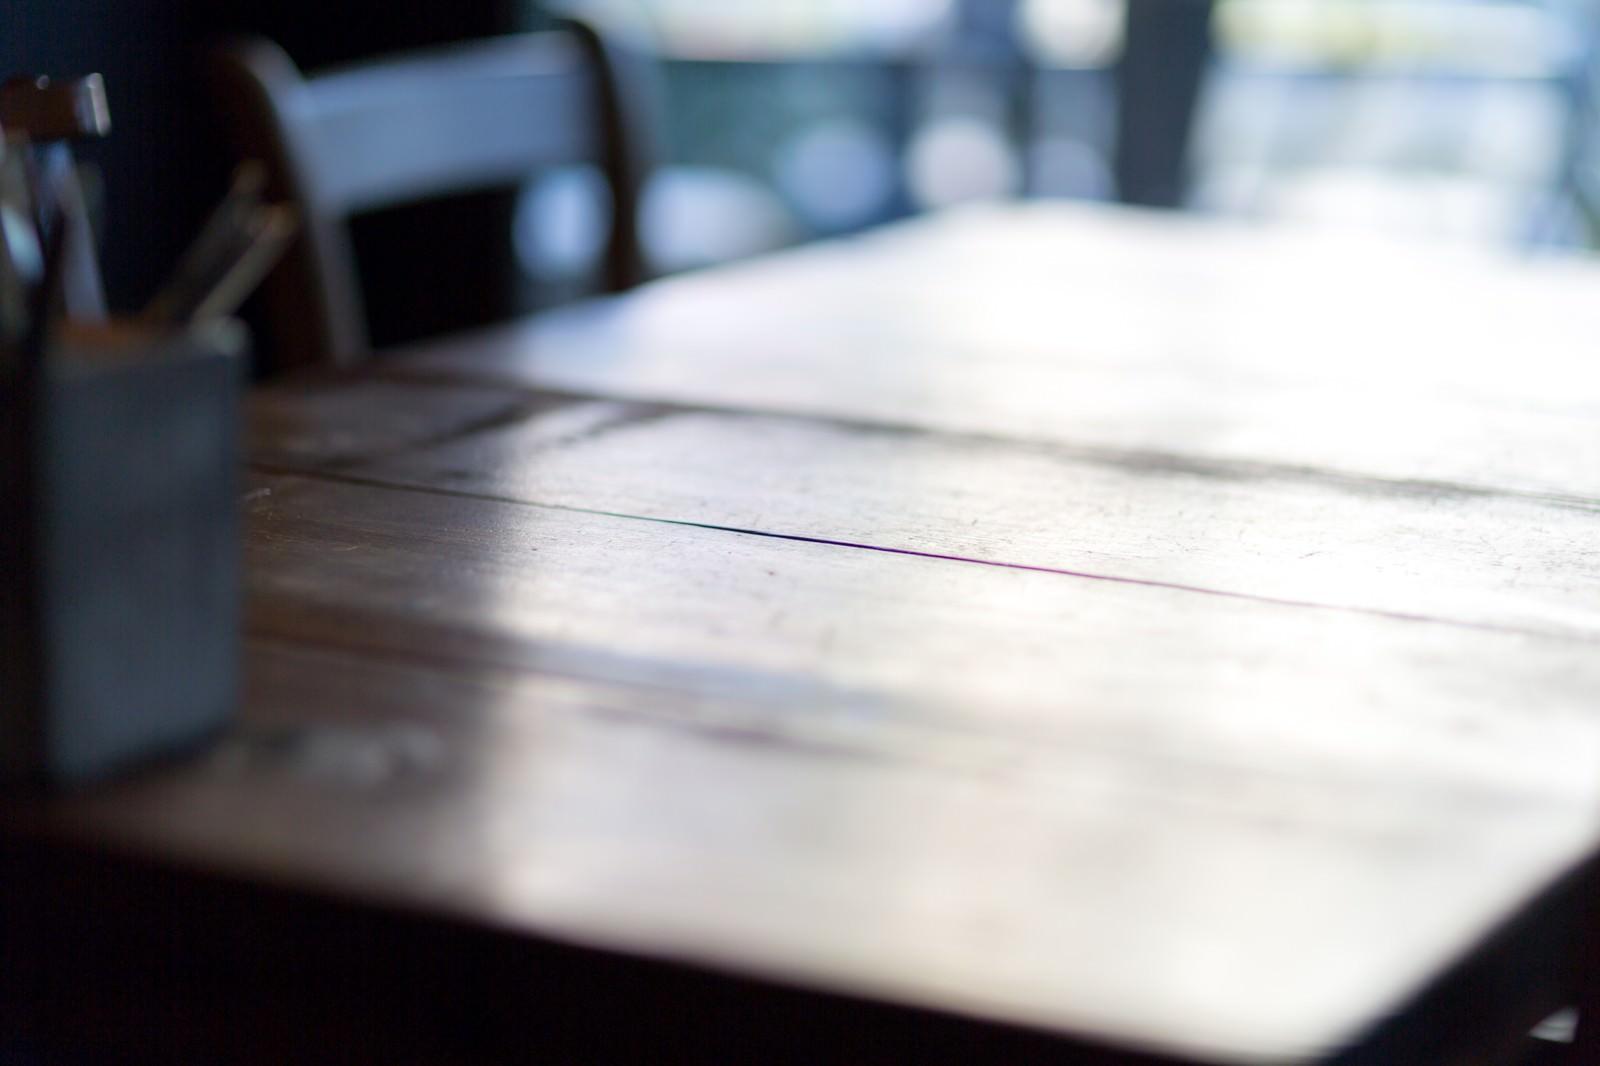 「木のテーブル木のテーブル」のフリー写真素材を拡大